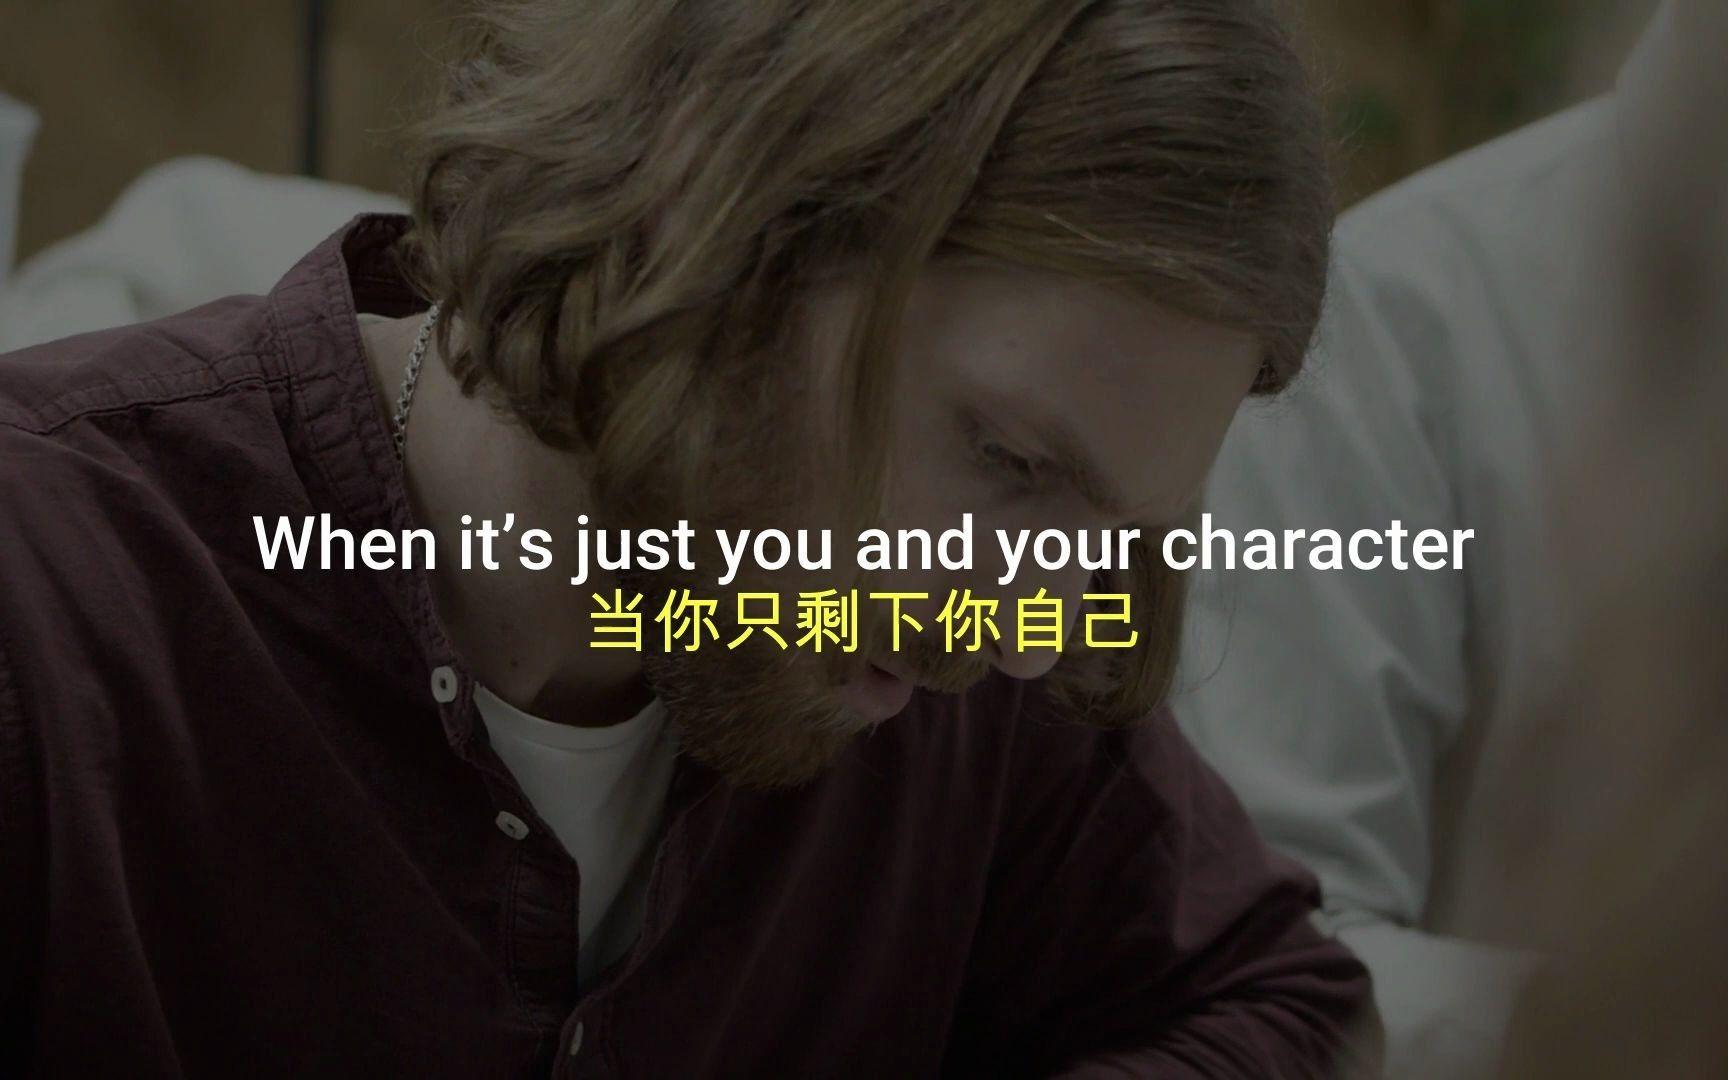 励志短片:自律@独立思考007